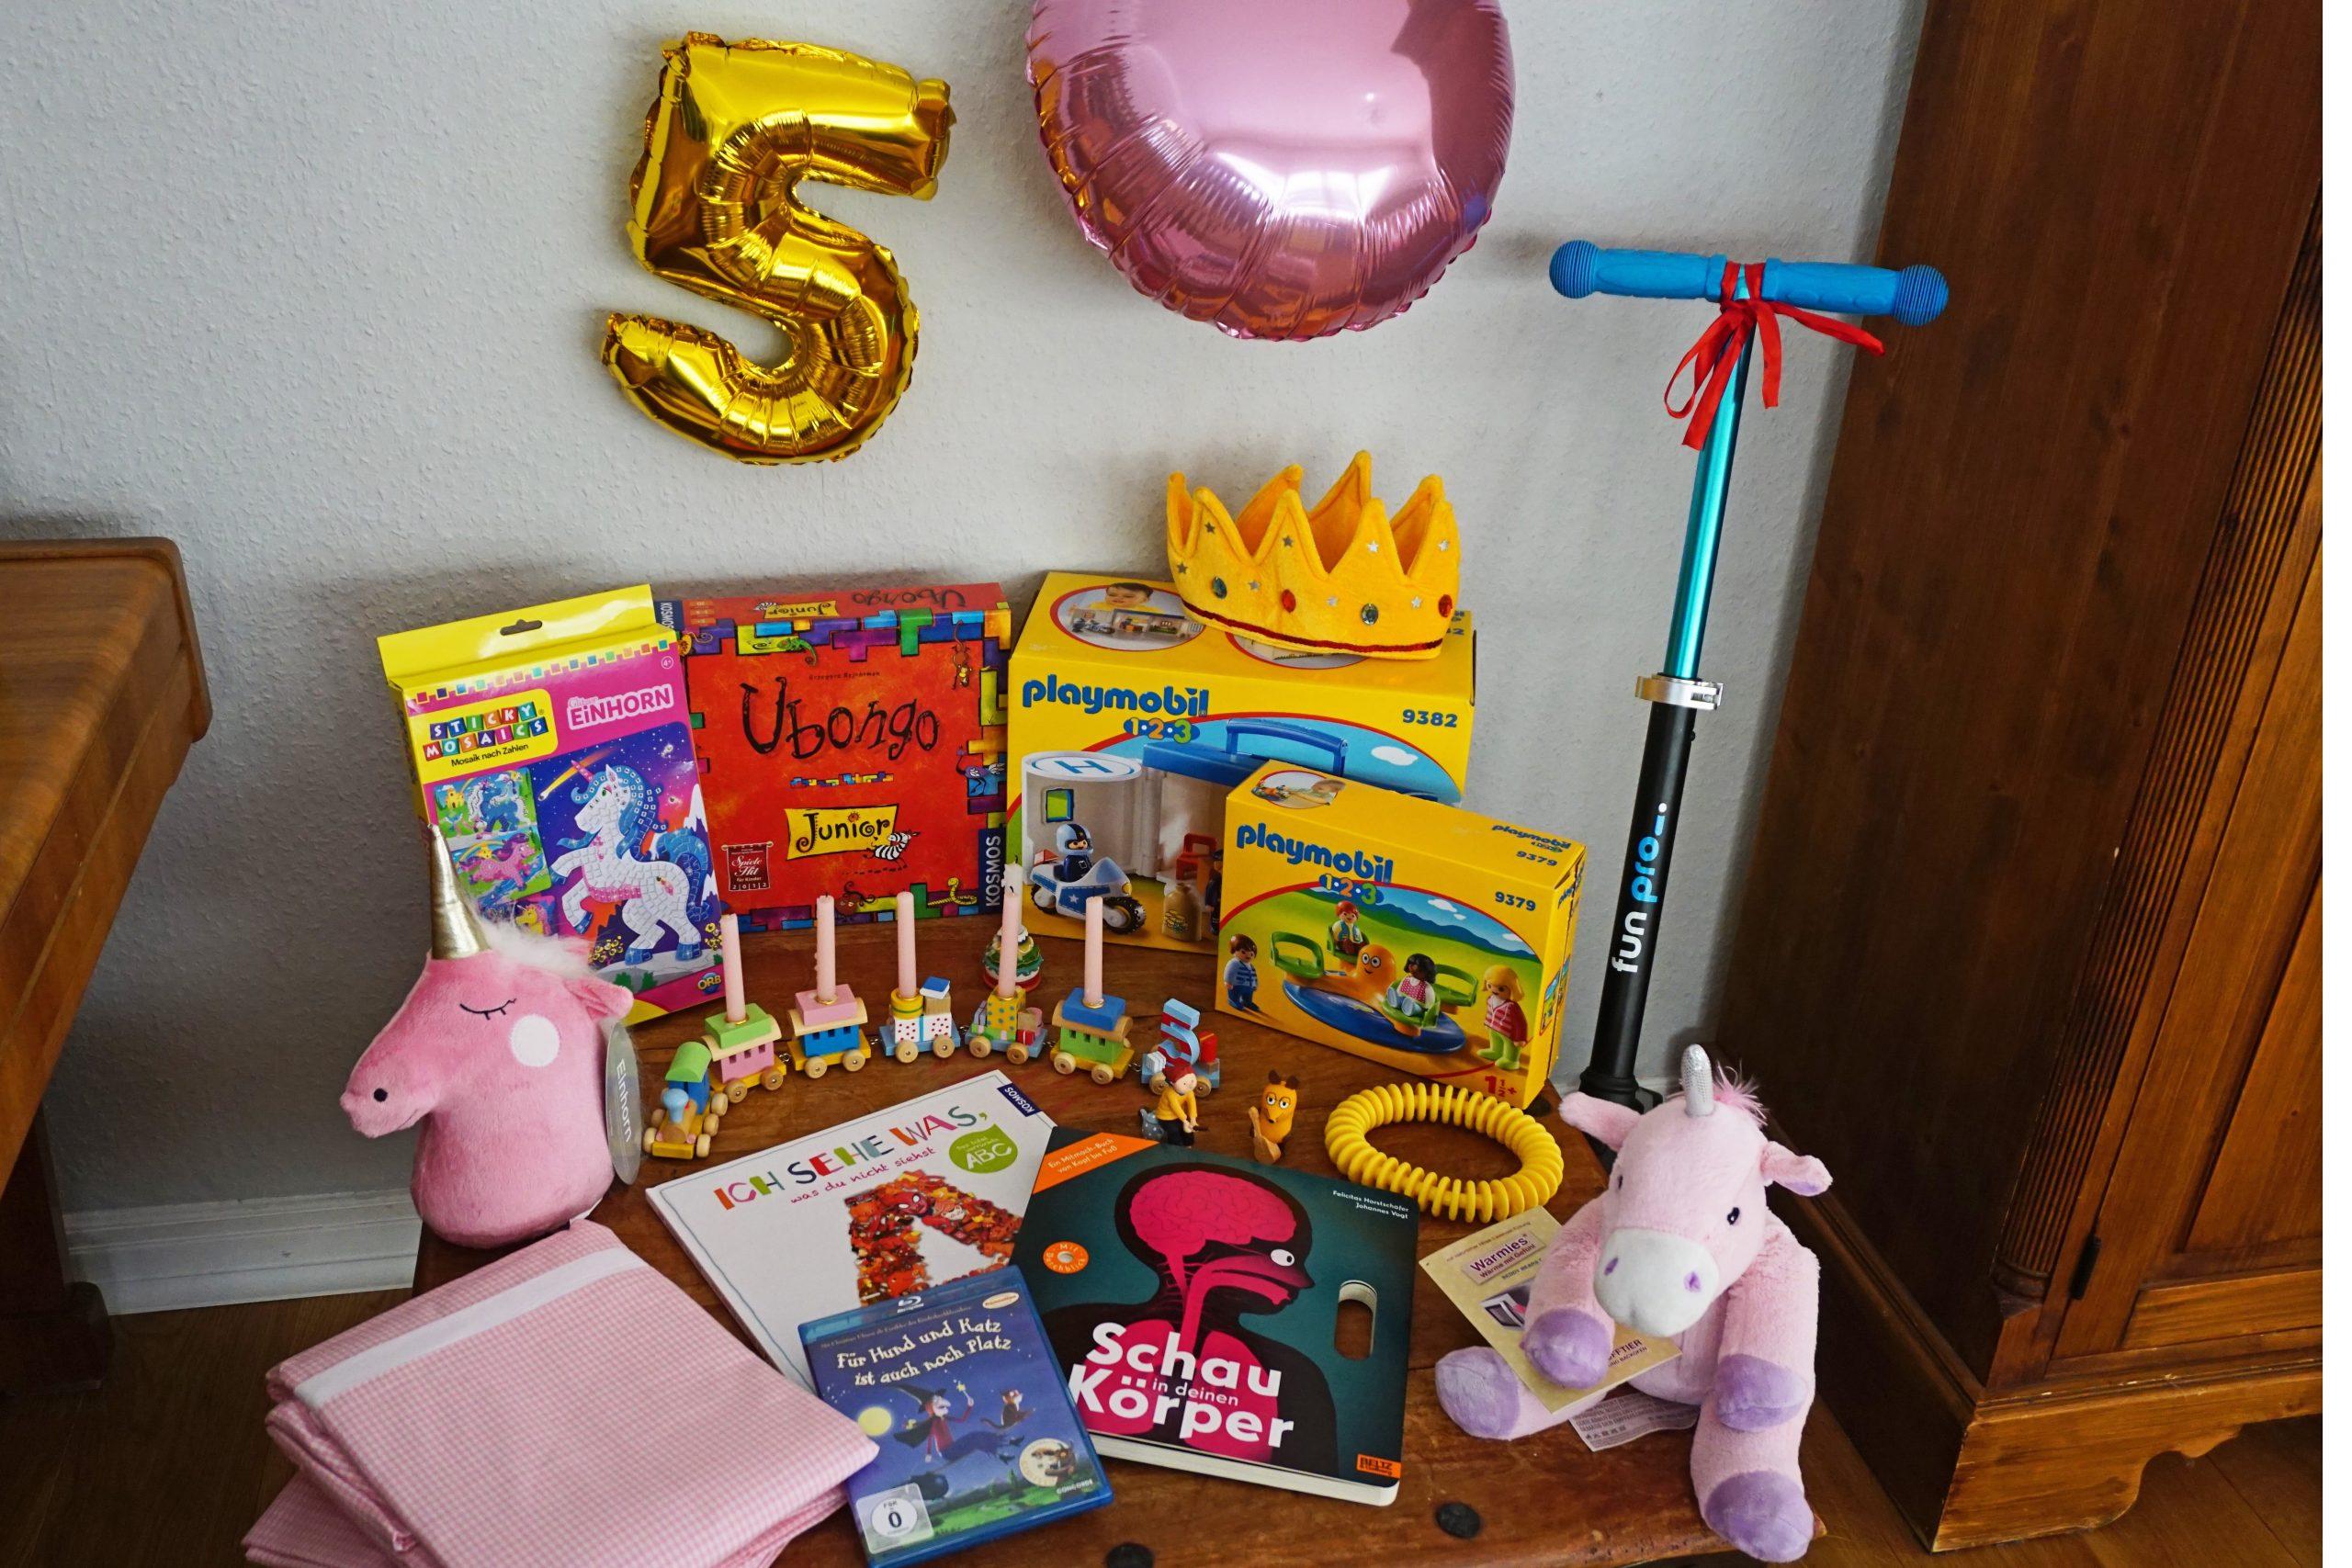 Schöne Geschenke Zum 5. Geburtstag - Mädchenmutter verwandt mit Tolle Weihnachtsgeschenke Für Kinder